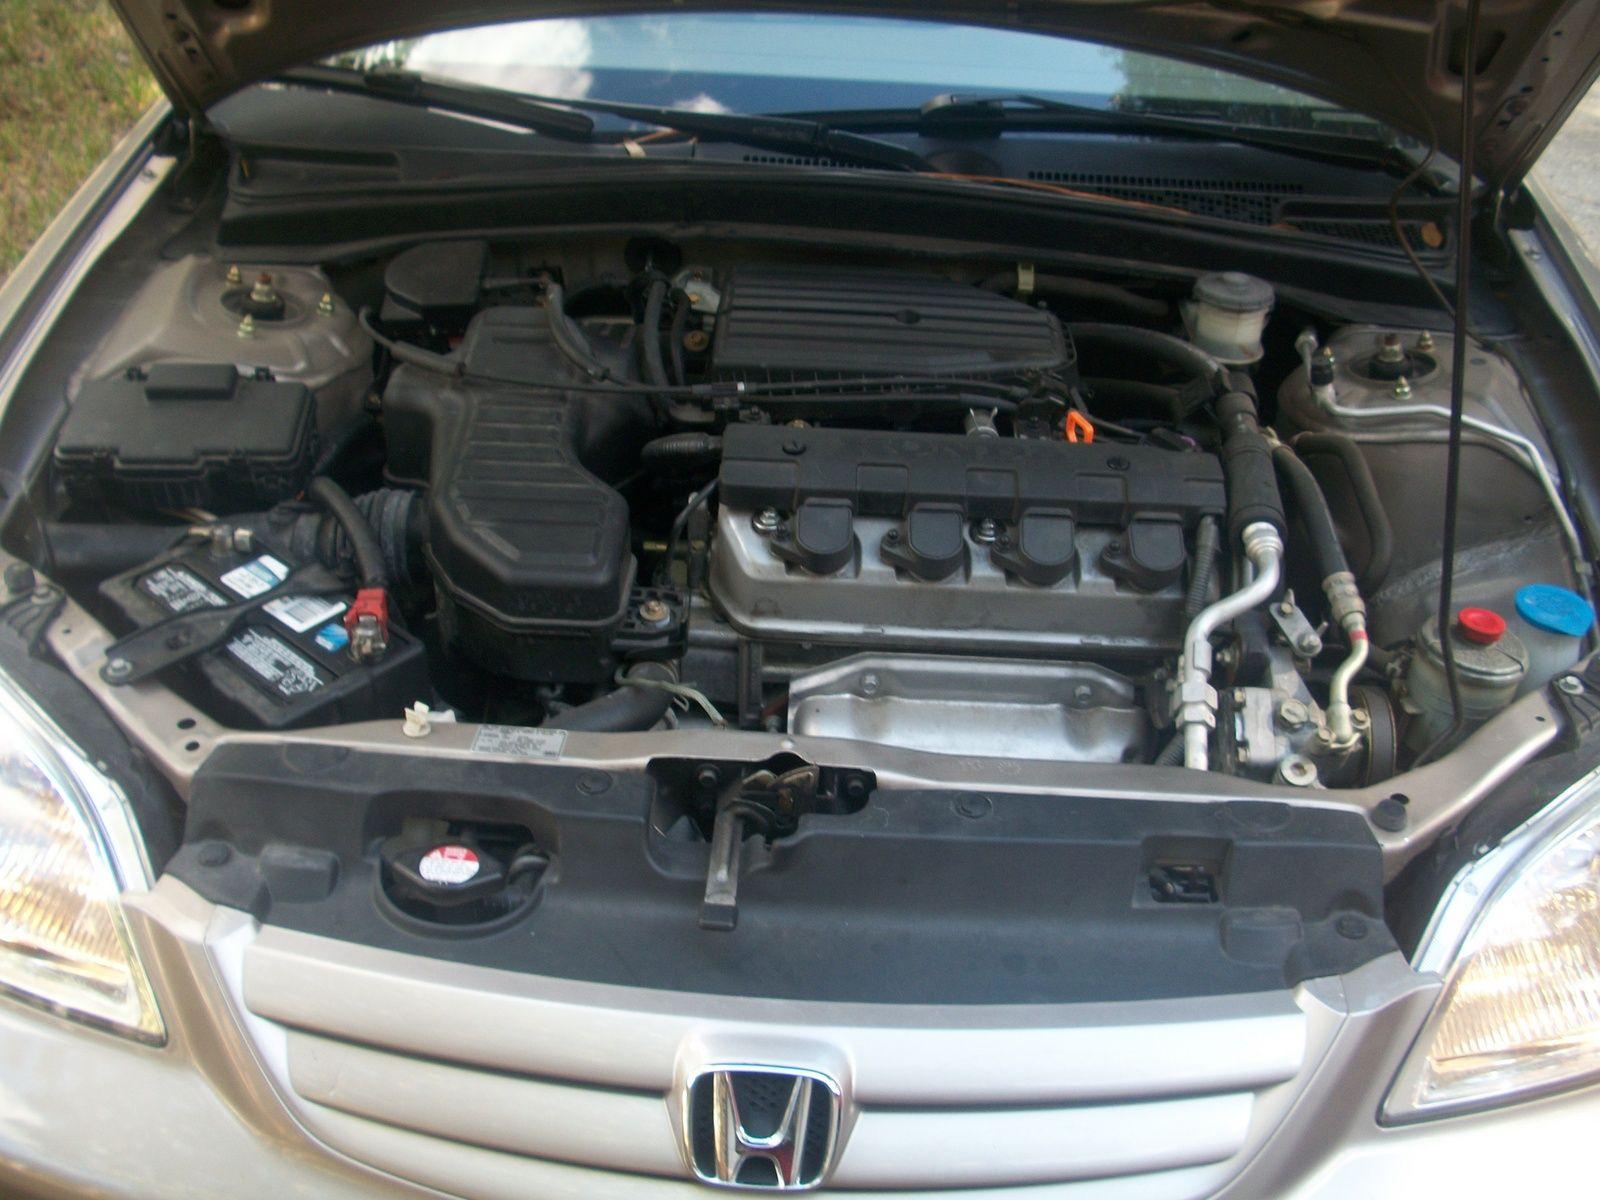 2002 Honda Civic Gas Engine 2.0L (DX, EX, GX, HX, LX, SI, SIR) Fits ...